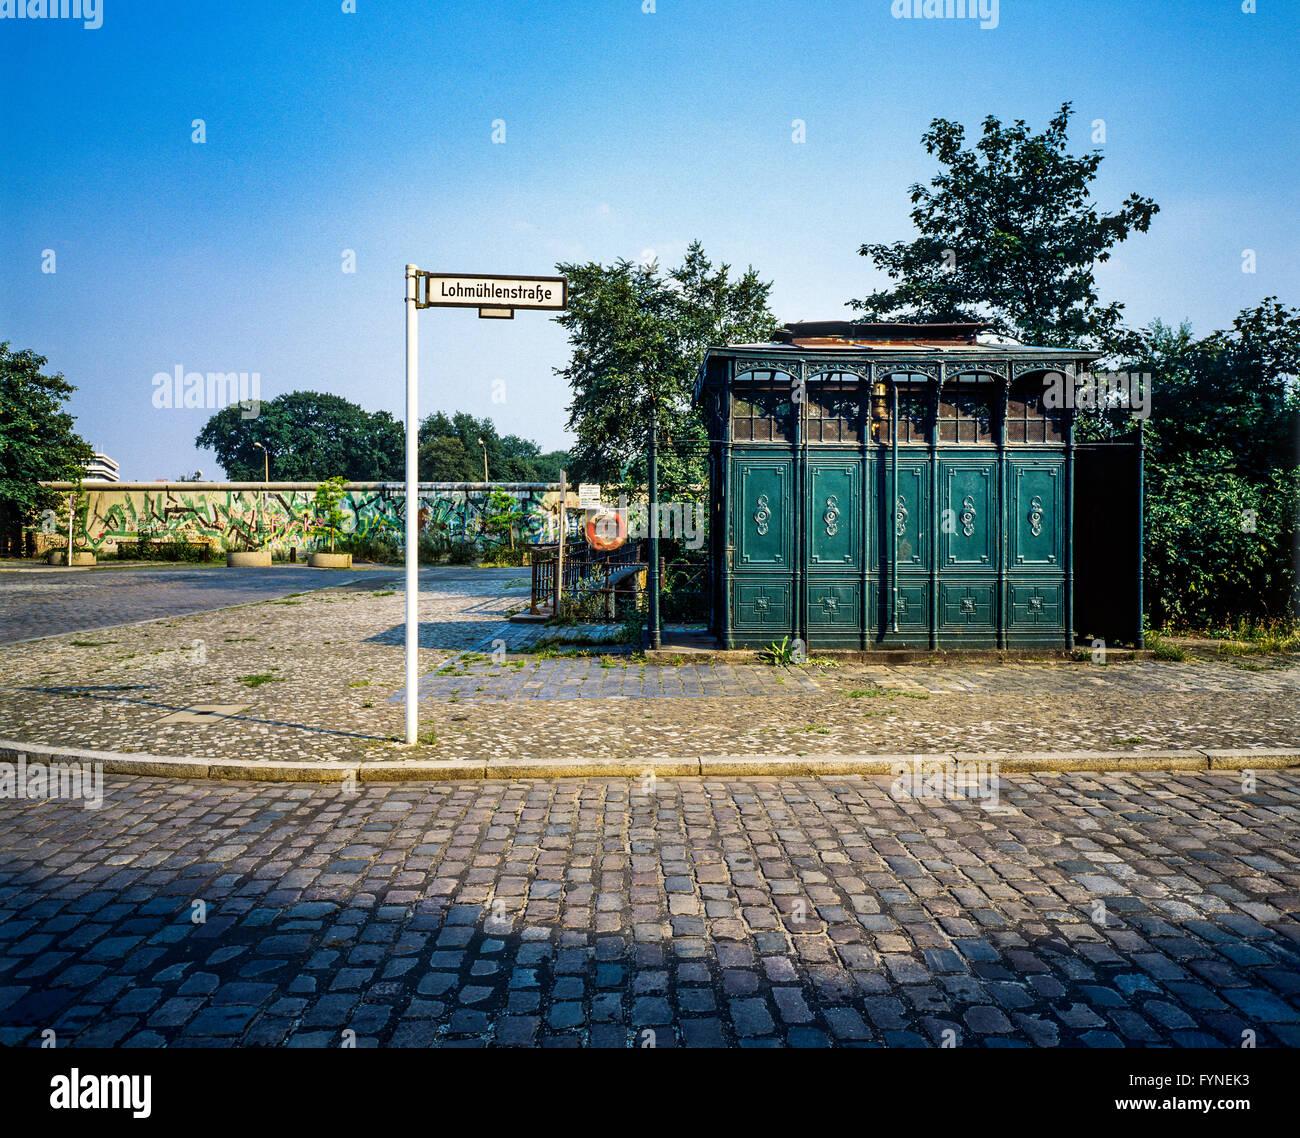 Agosto de 1986, el antiguo baño público 1899, el muro de Berlín graffitis, Lohmühlenstrasse Imagen De Stock